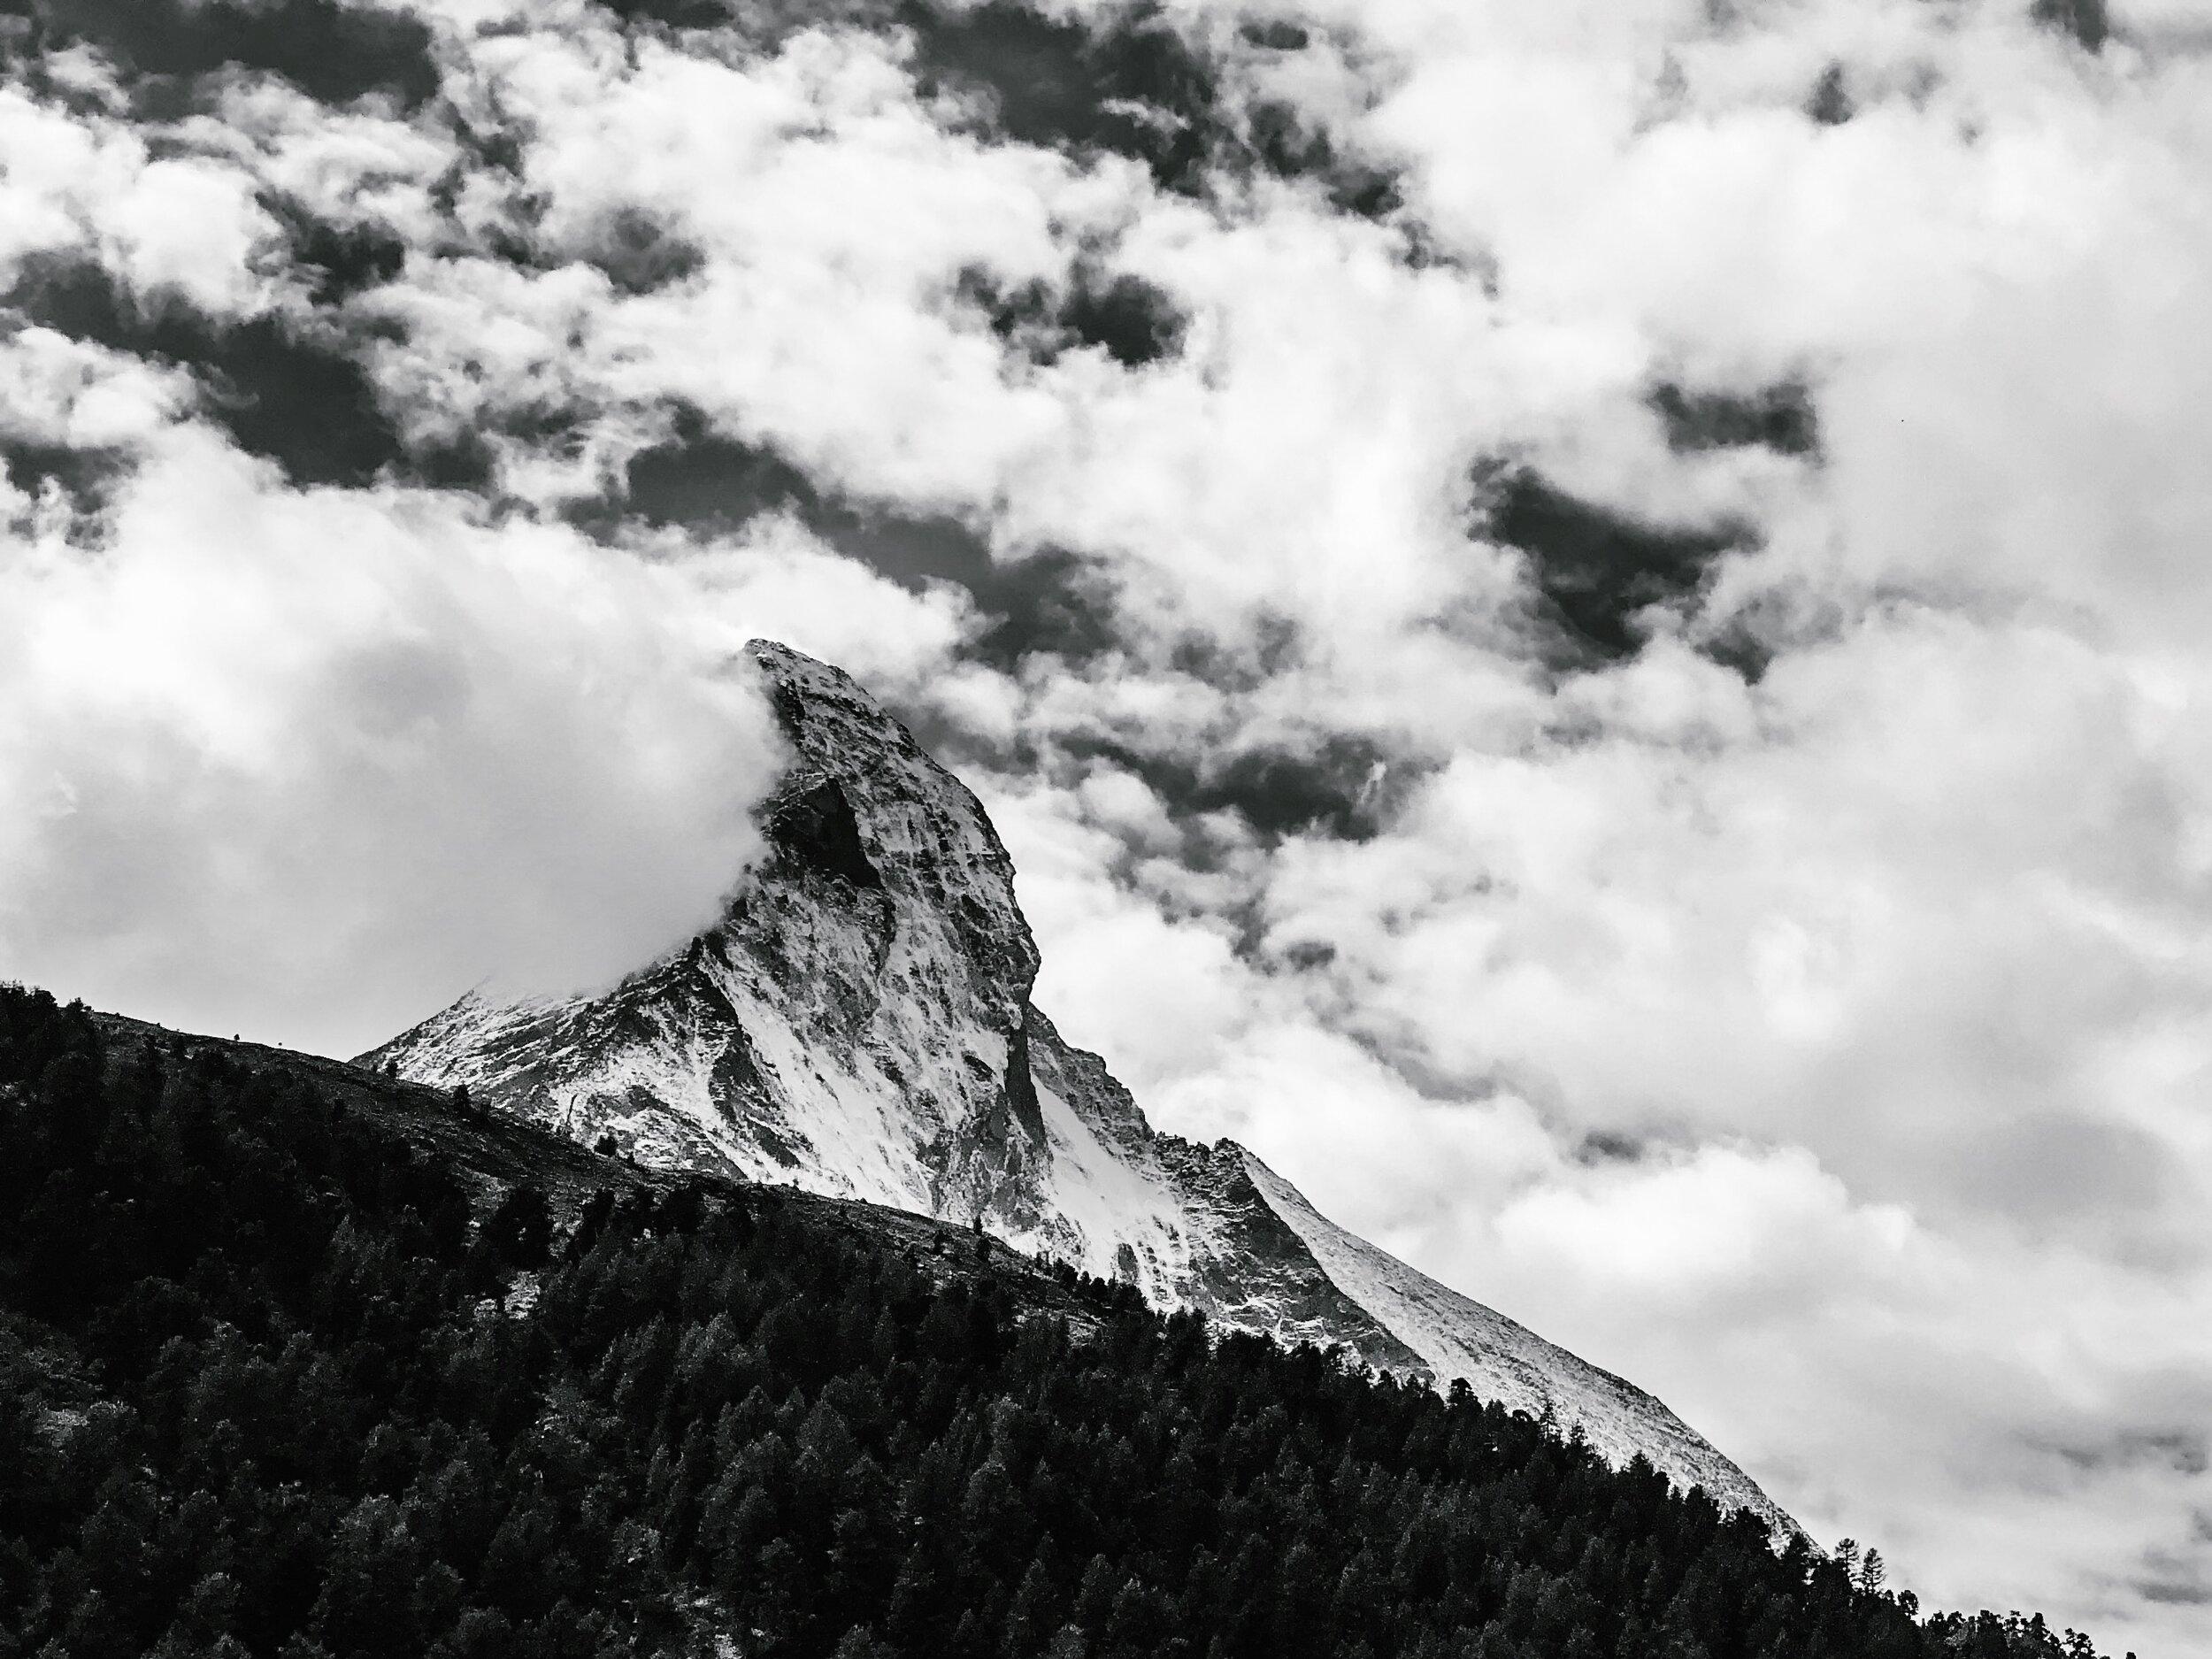 The Matterhorn   Sony A7III and 24-105 lens.